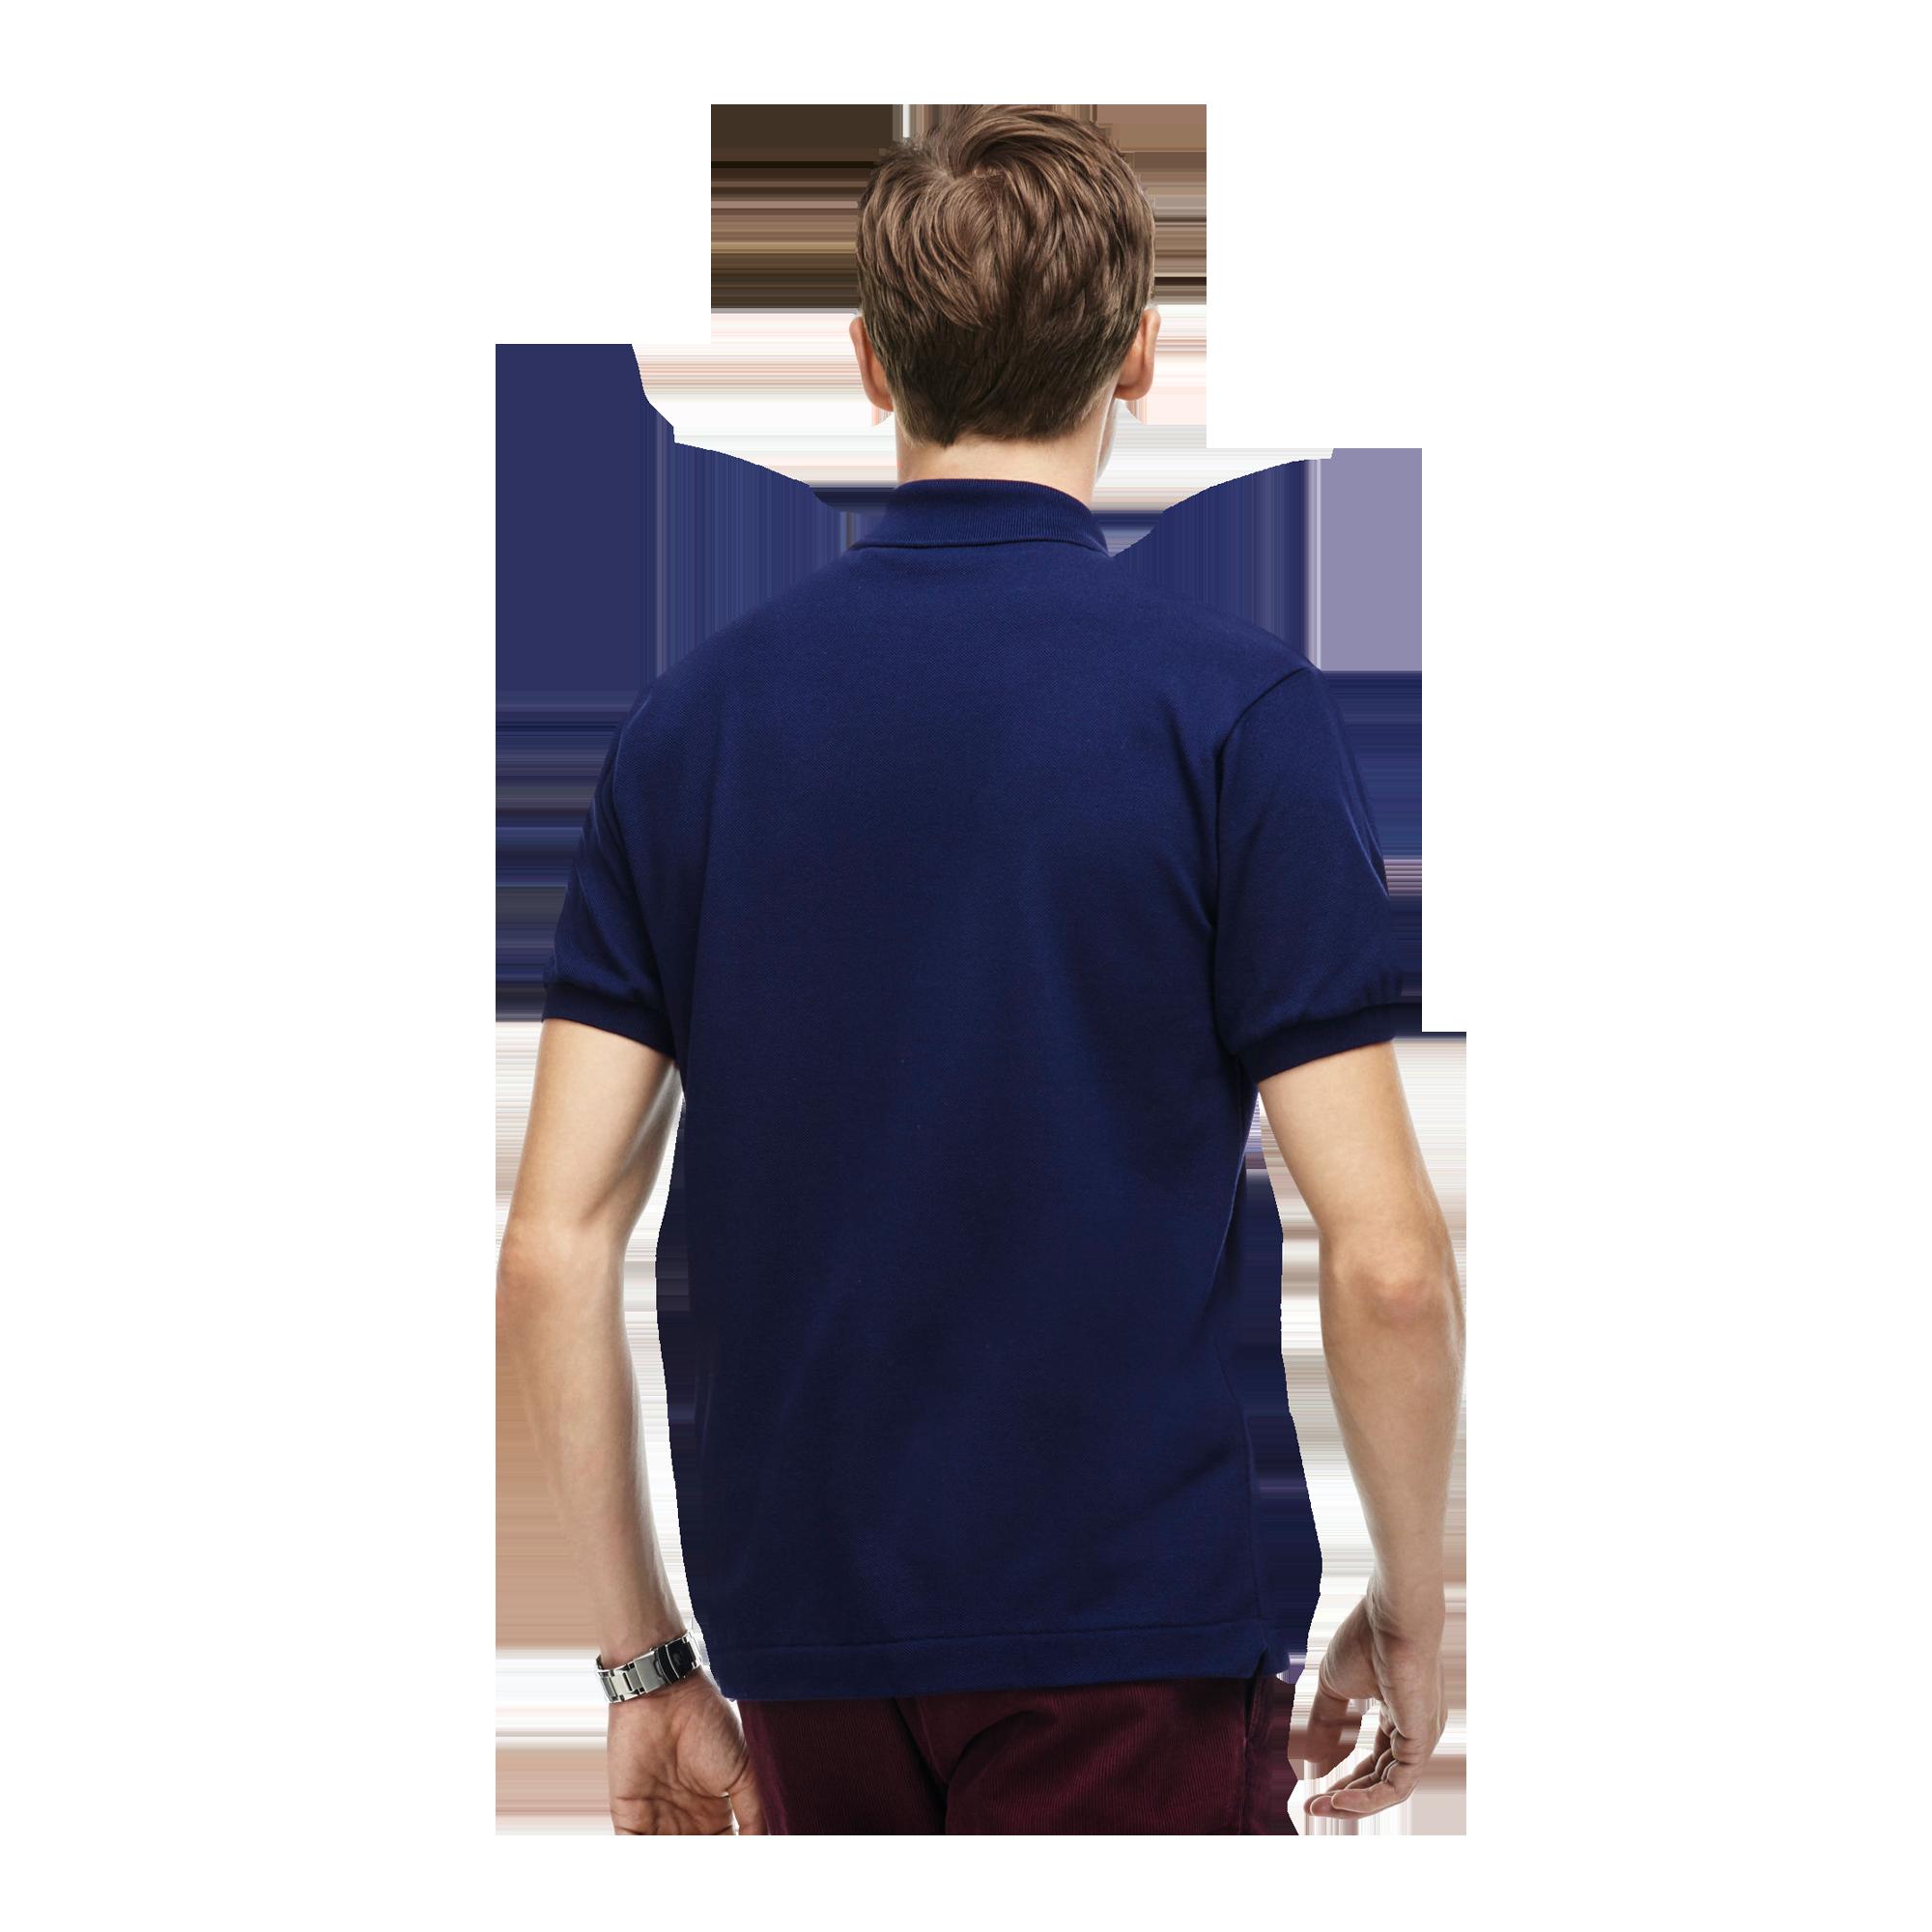 promo code 21a5a 90439 Lacoste CAIMAN, Men's polo shirt, short sleeve, Dark Blue ...